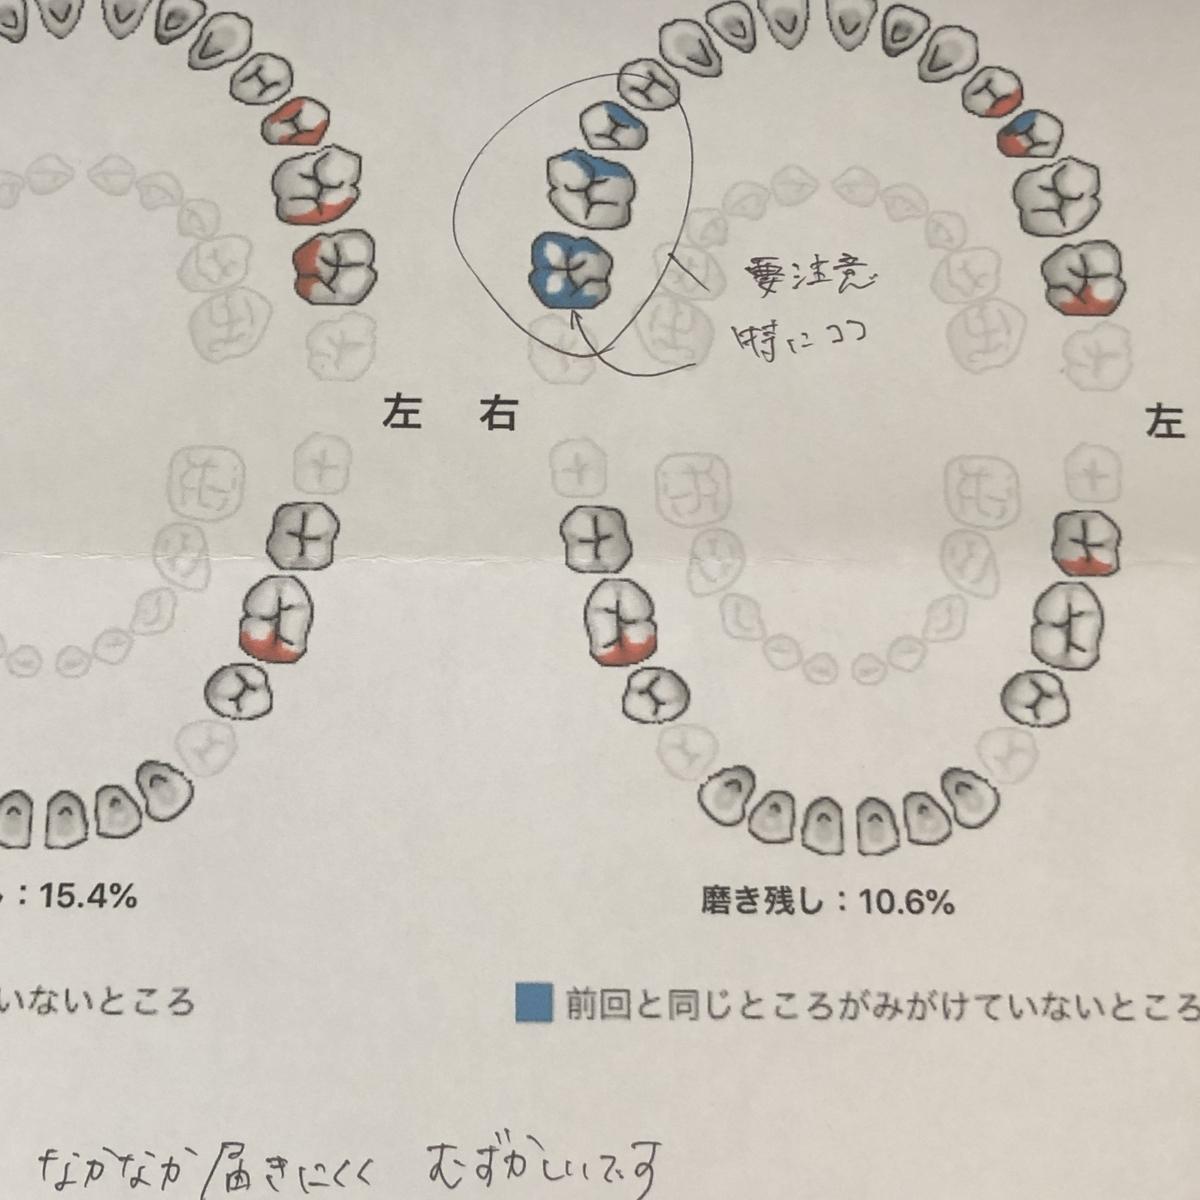 f:id:hanjukuajitama:20190917165008j:plain